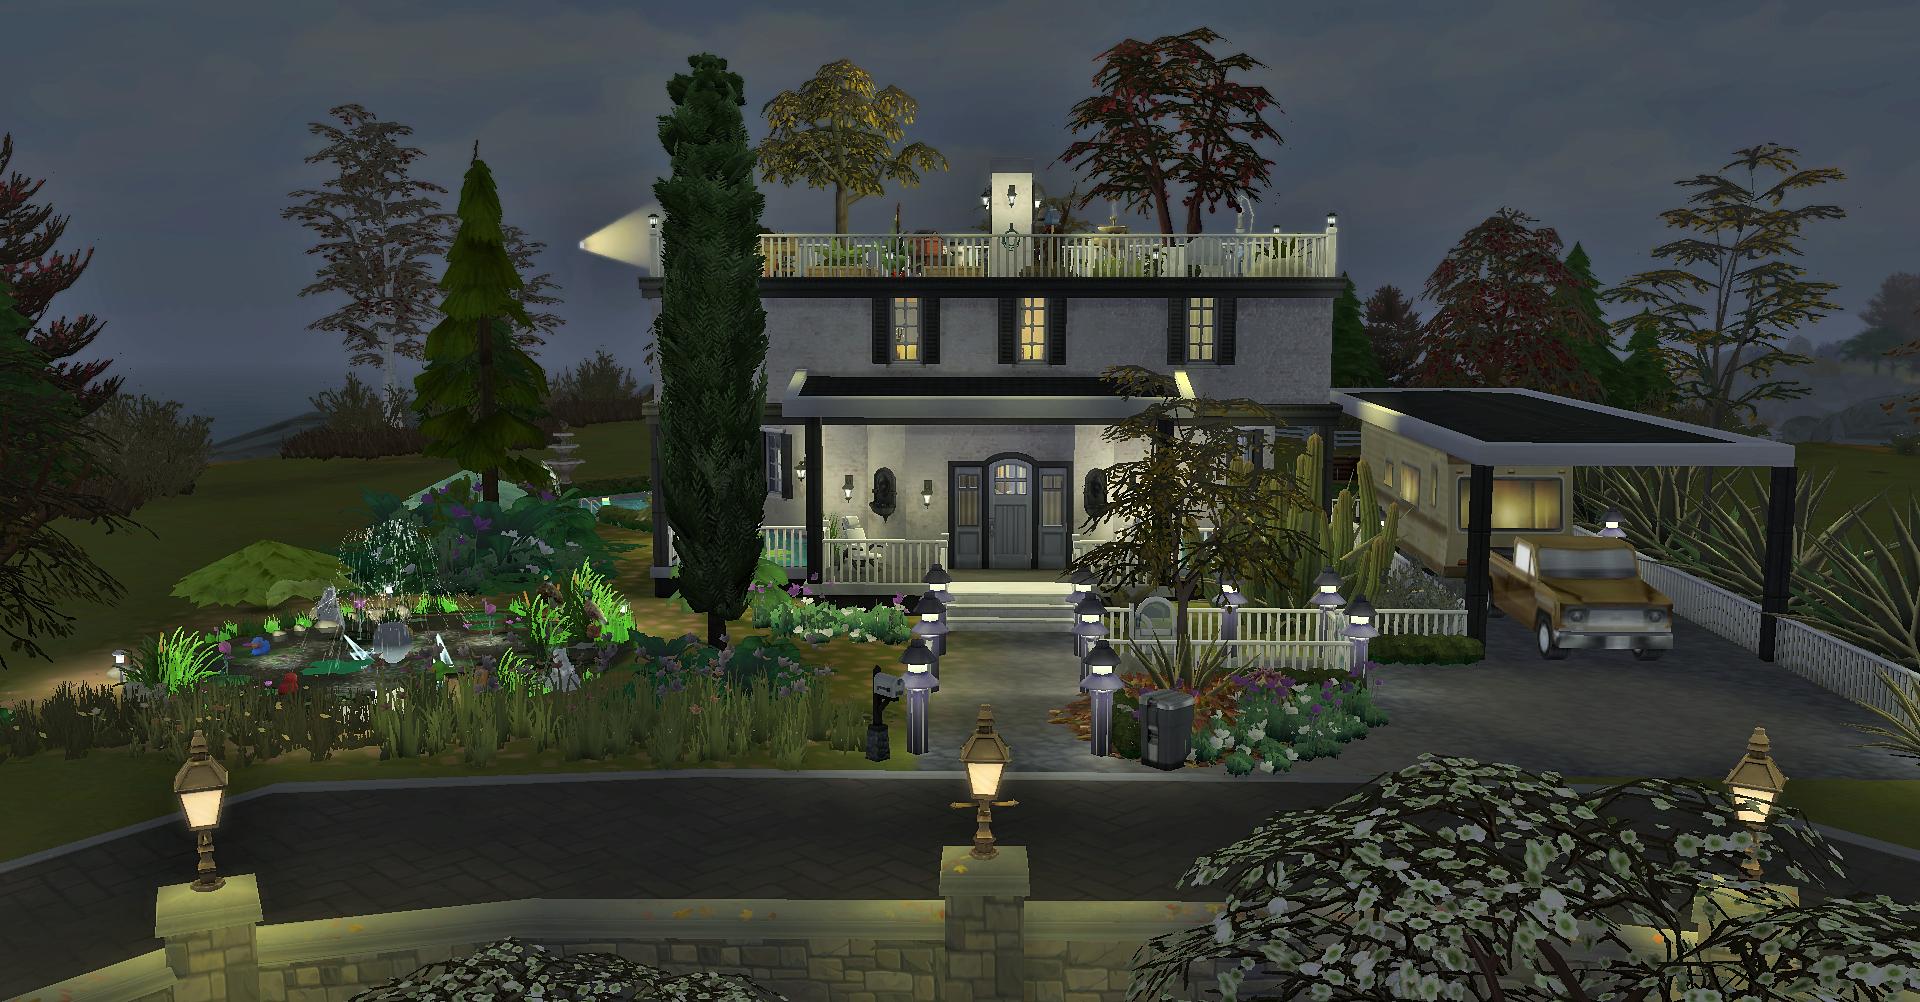 Двухэтажный дом с садом на крыше